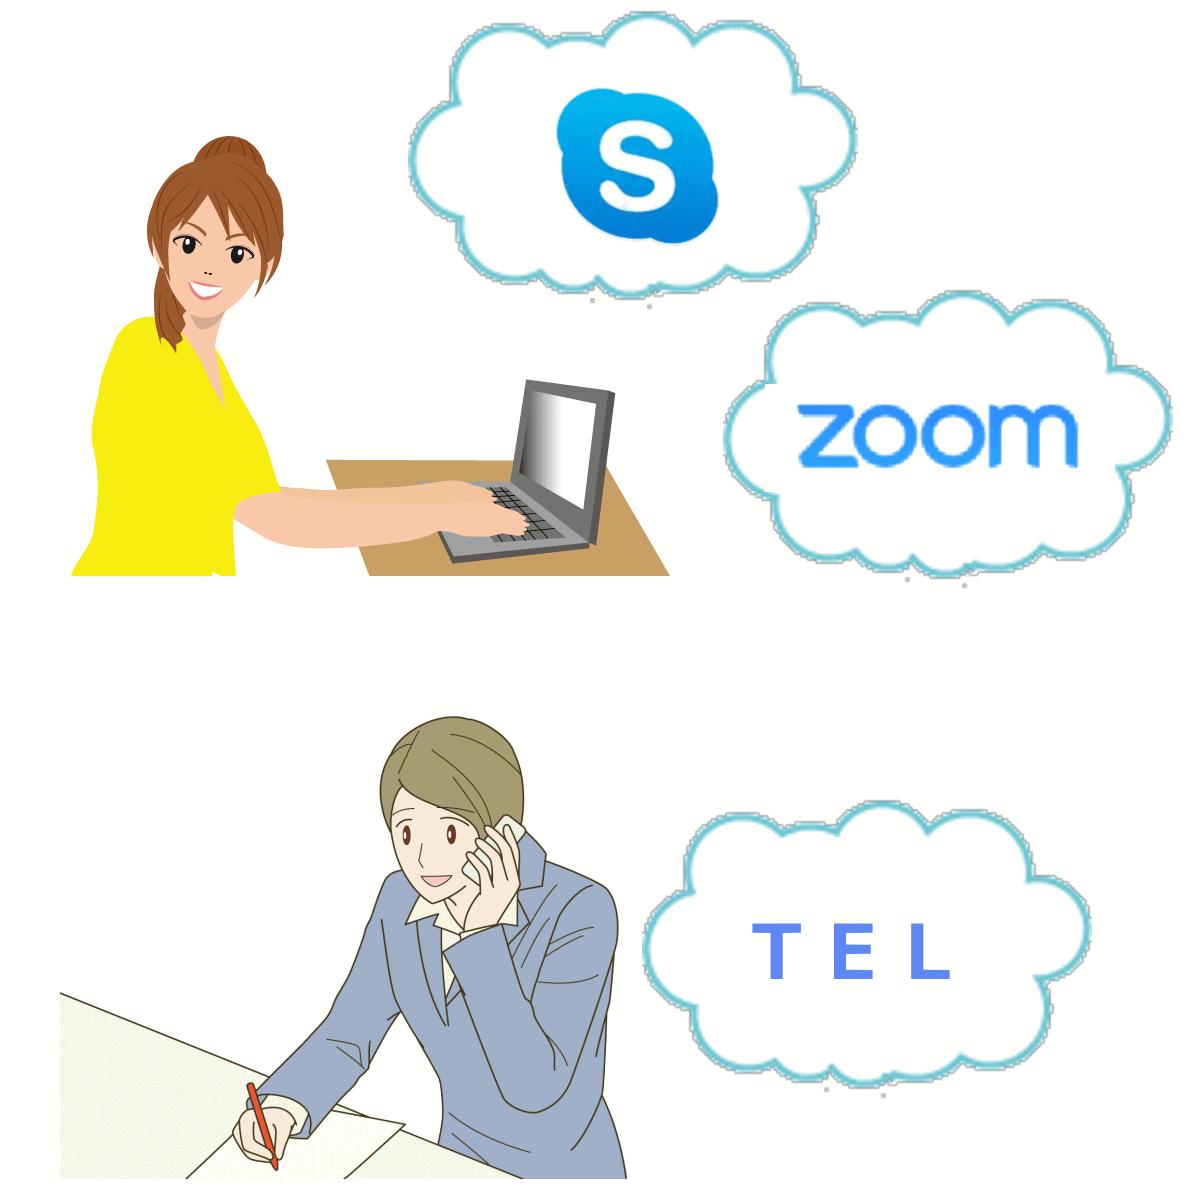 オンラインカウンセリングの3つの方法を表すイラスト